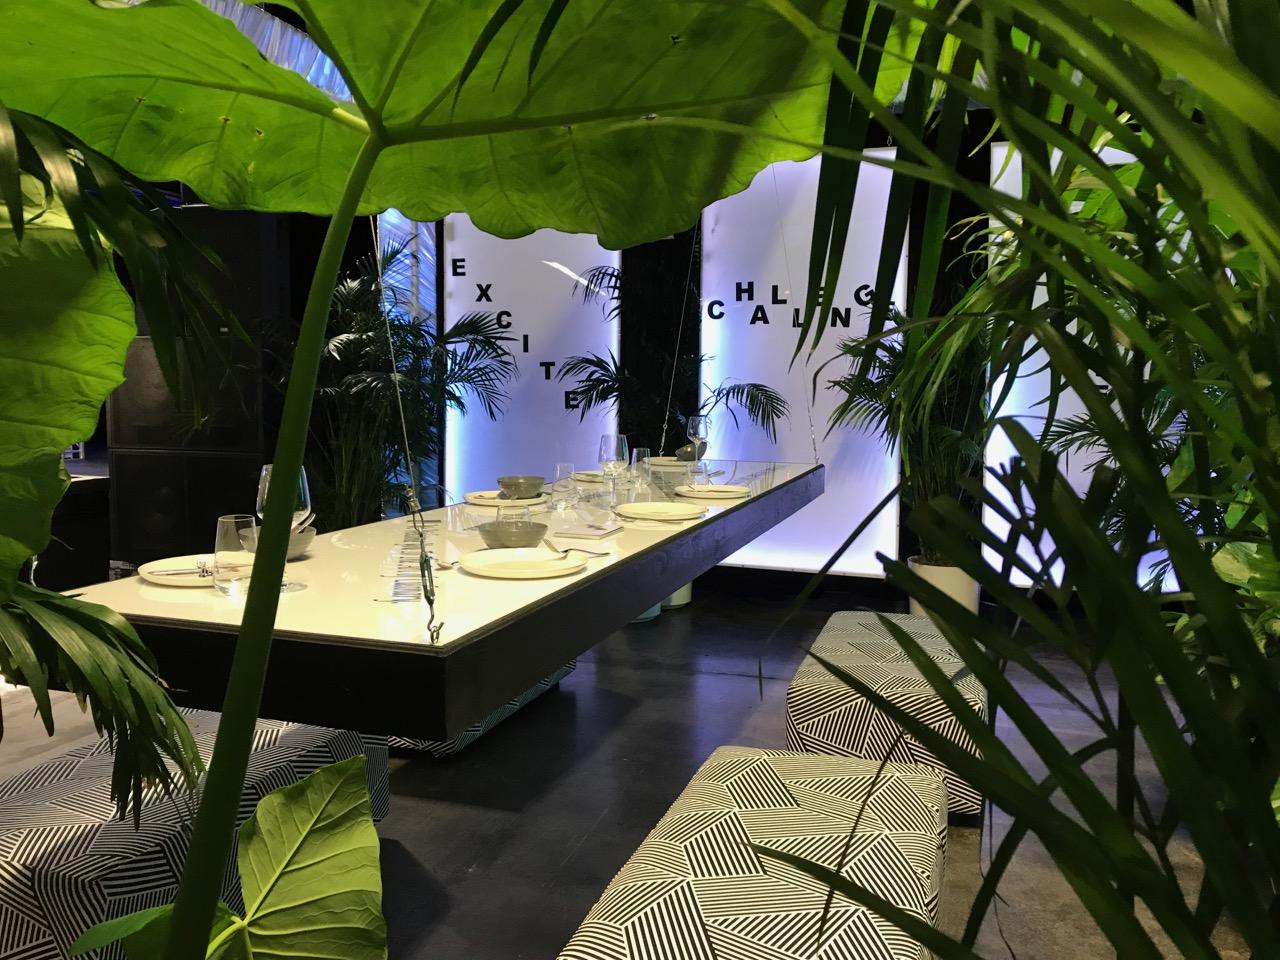 Thierry isambert Luxury Miami Gala Catering